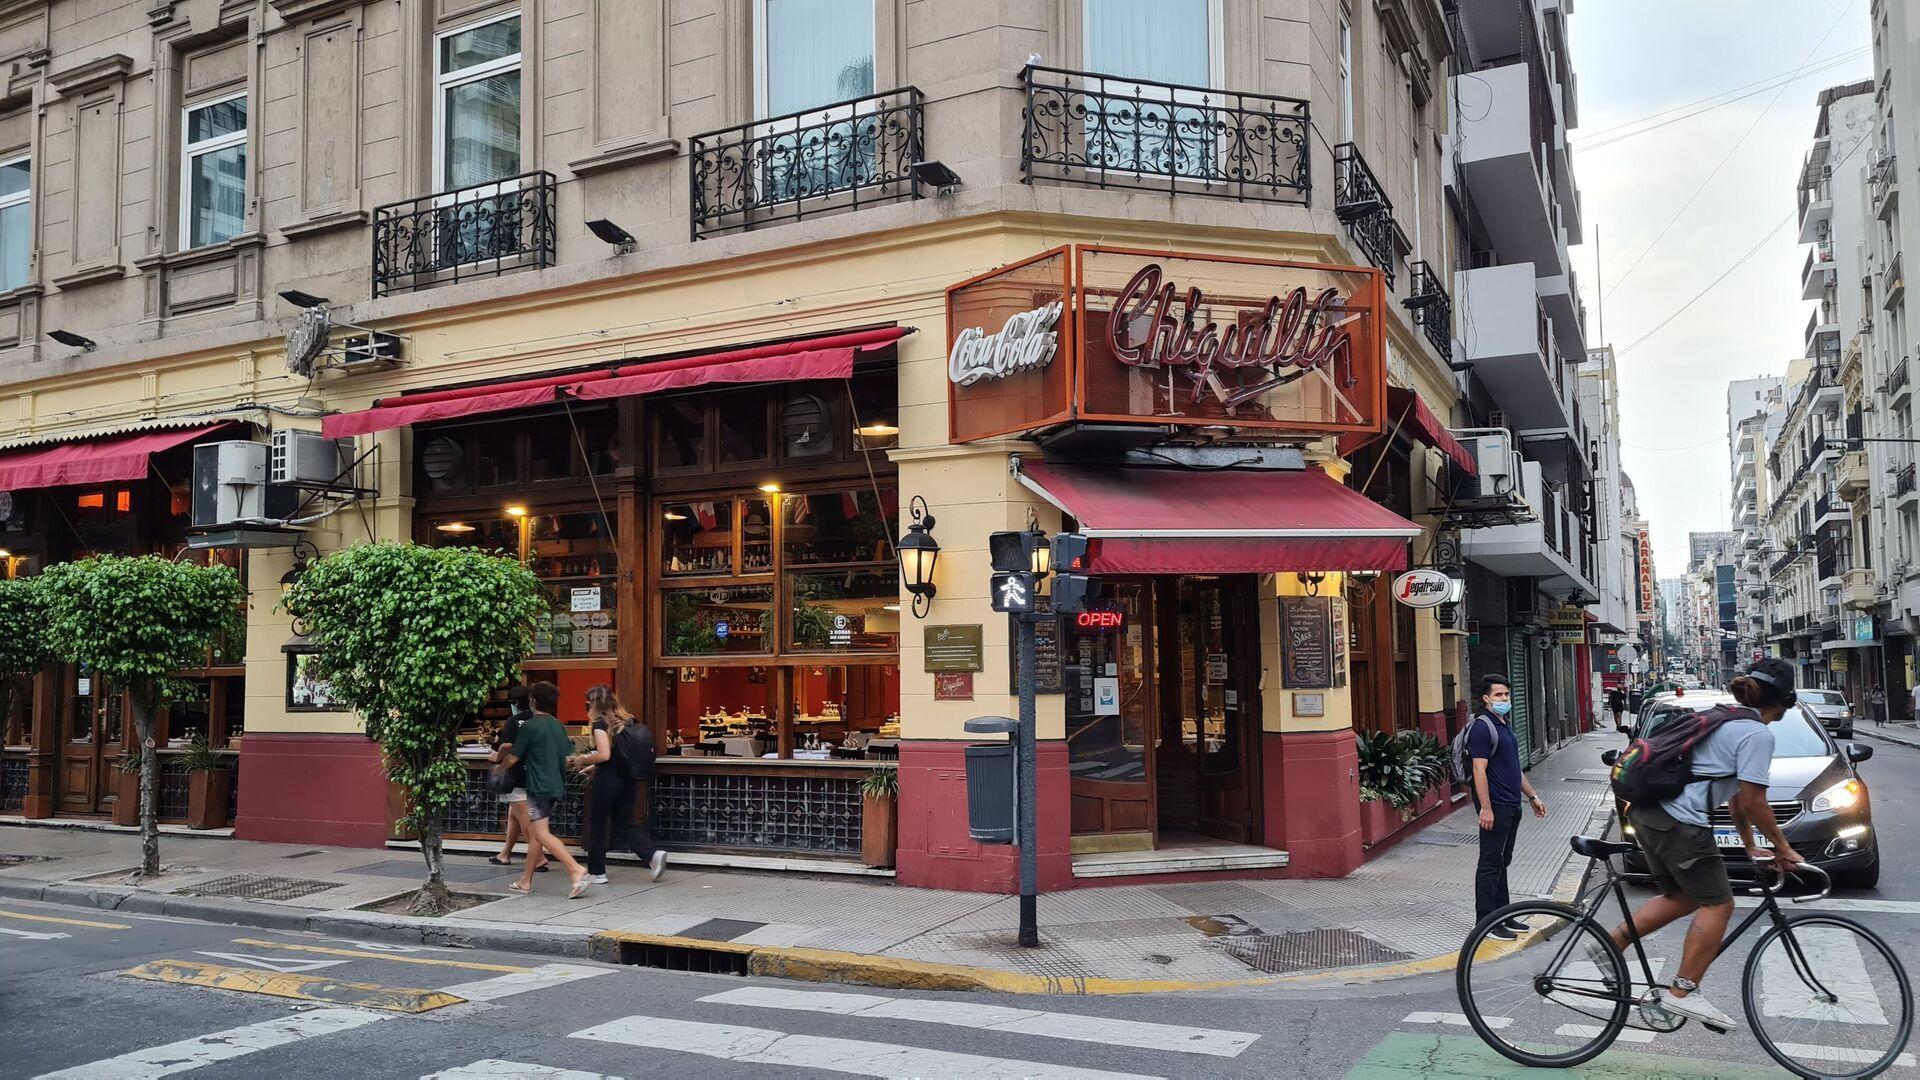 Chiquilín, restaurante nombrado en honor a la canción de Piazzolla y el desaparecido restaurante Bachín. - Sputnik Mundo, 1920, 12.03.2021